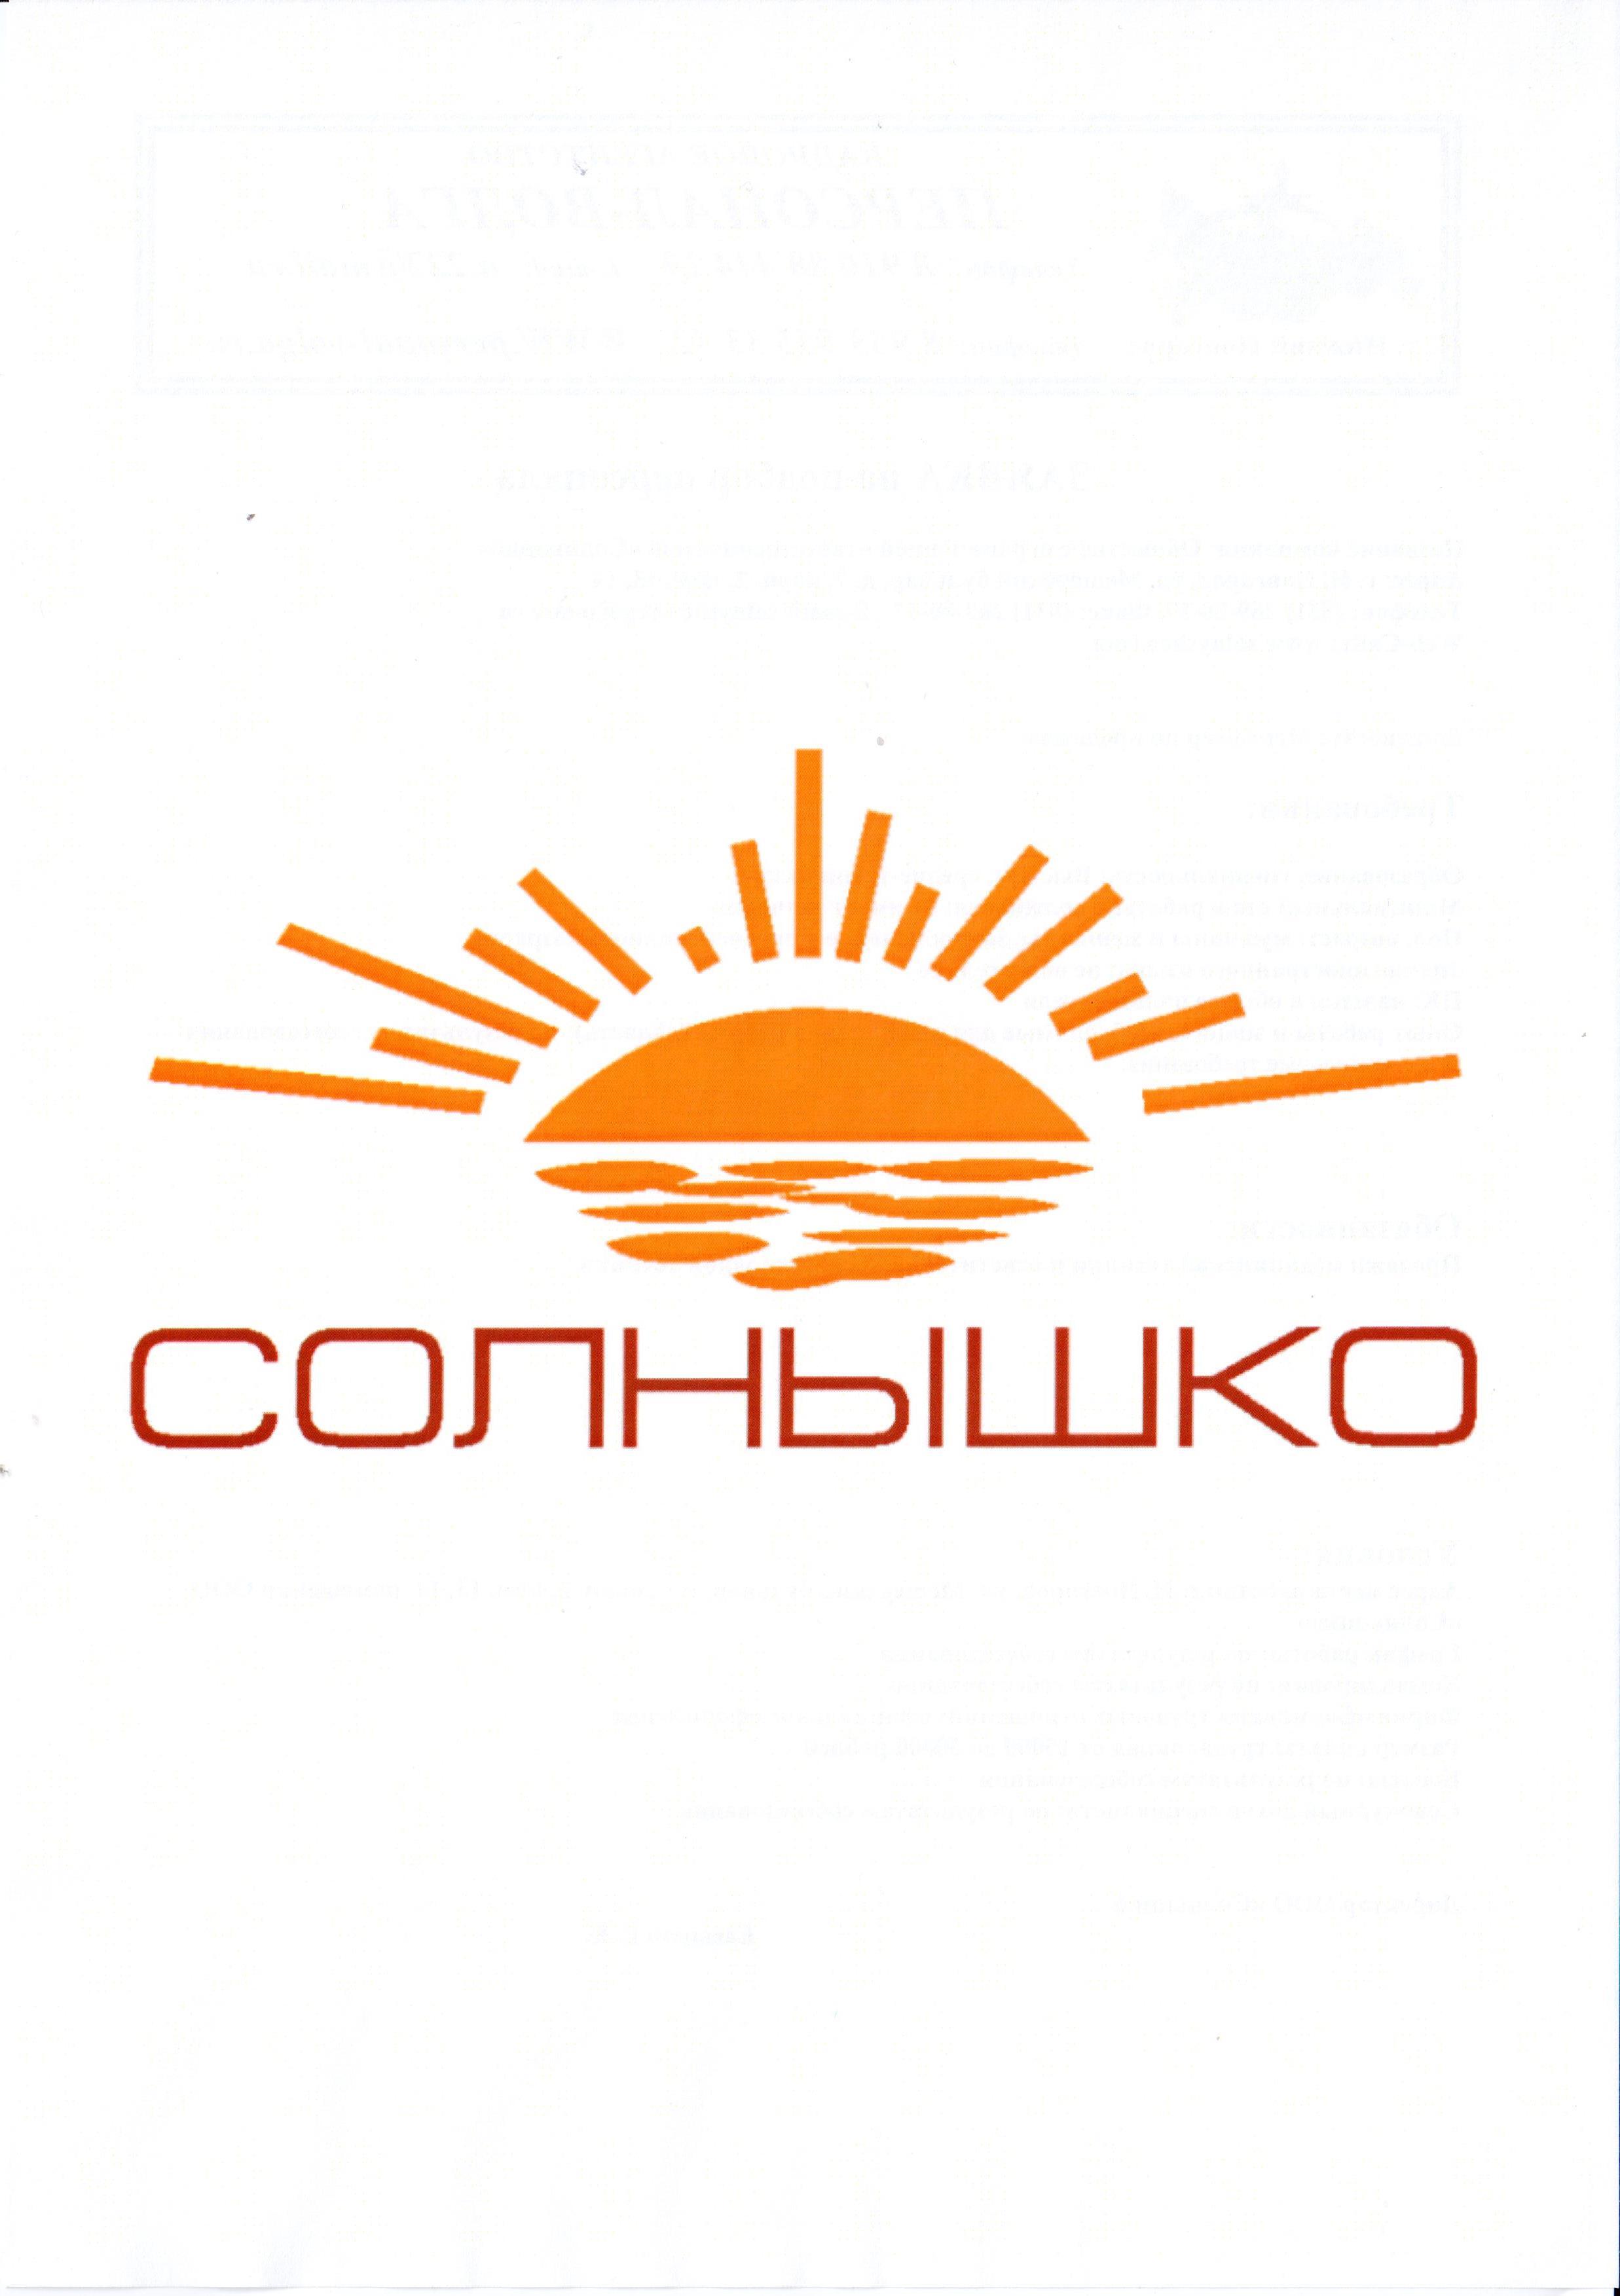 Работа в компании «Солнышко, ООО» в Нижнего Новгорода